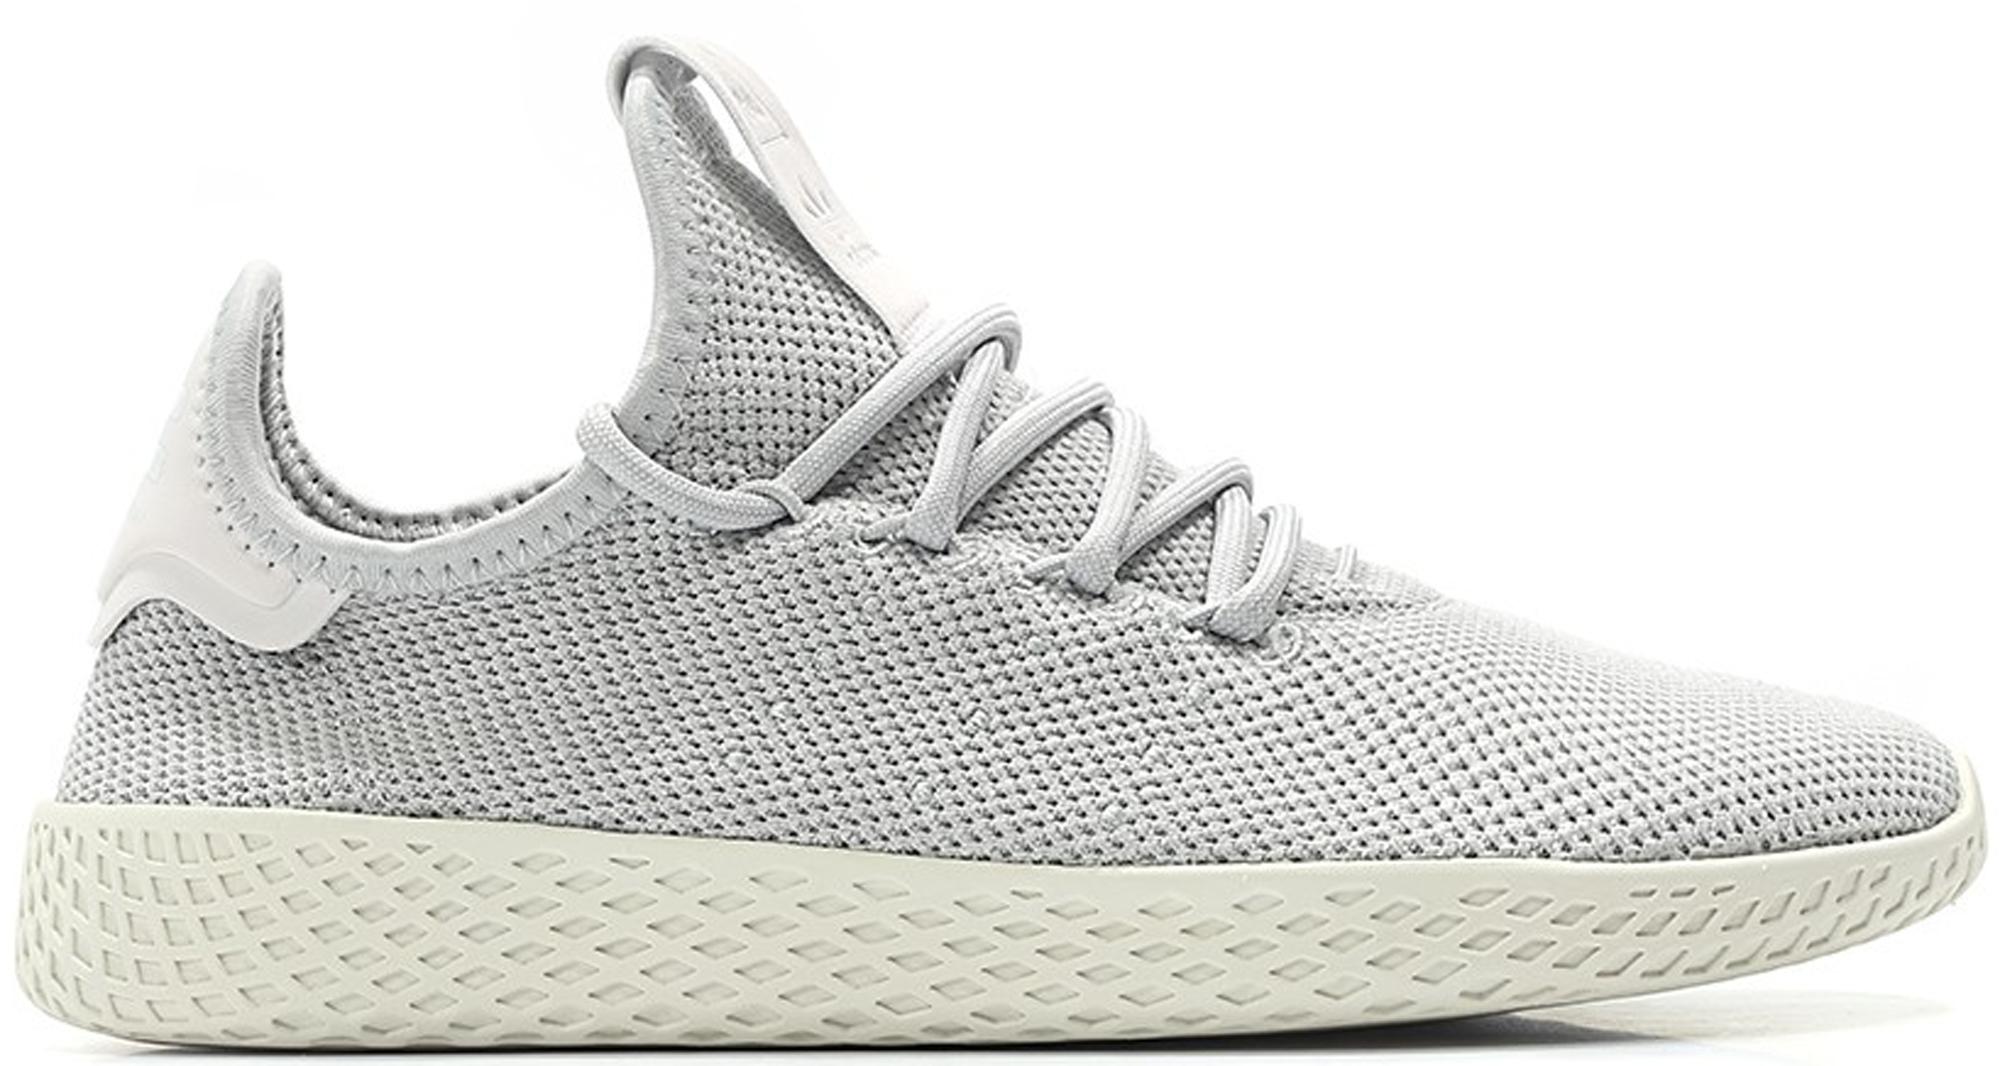 adidas Tennis HU Pharrell Grey (W) - DB2553